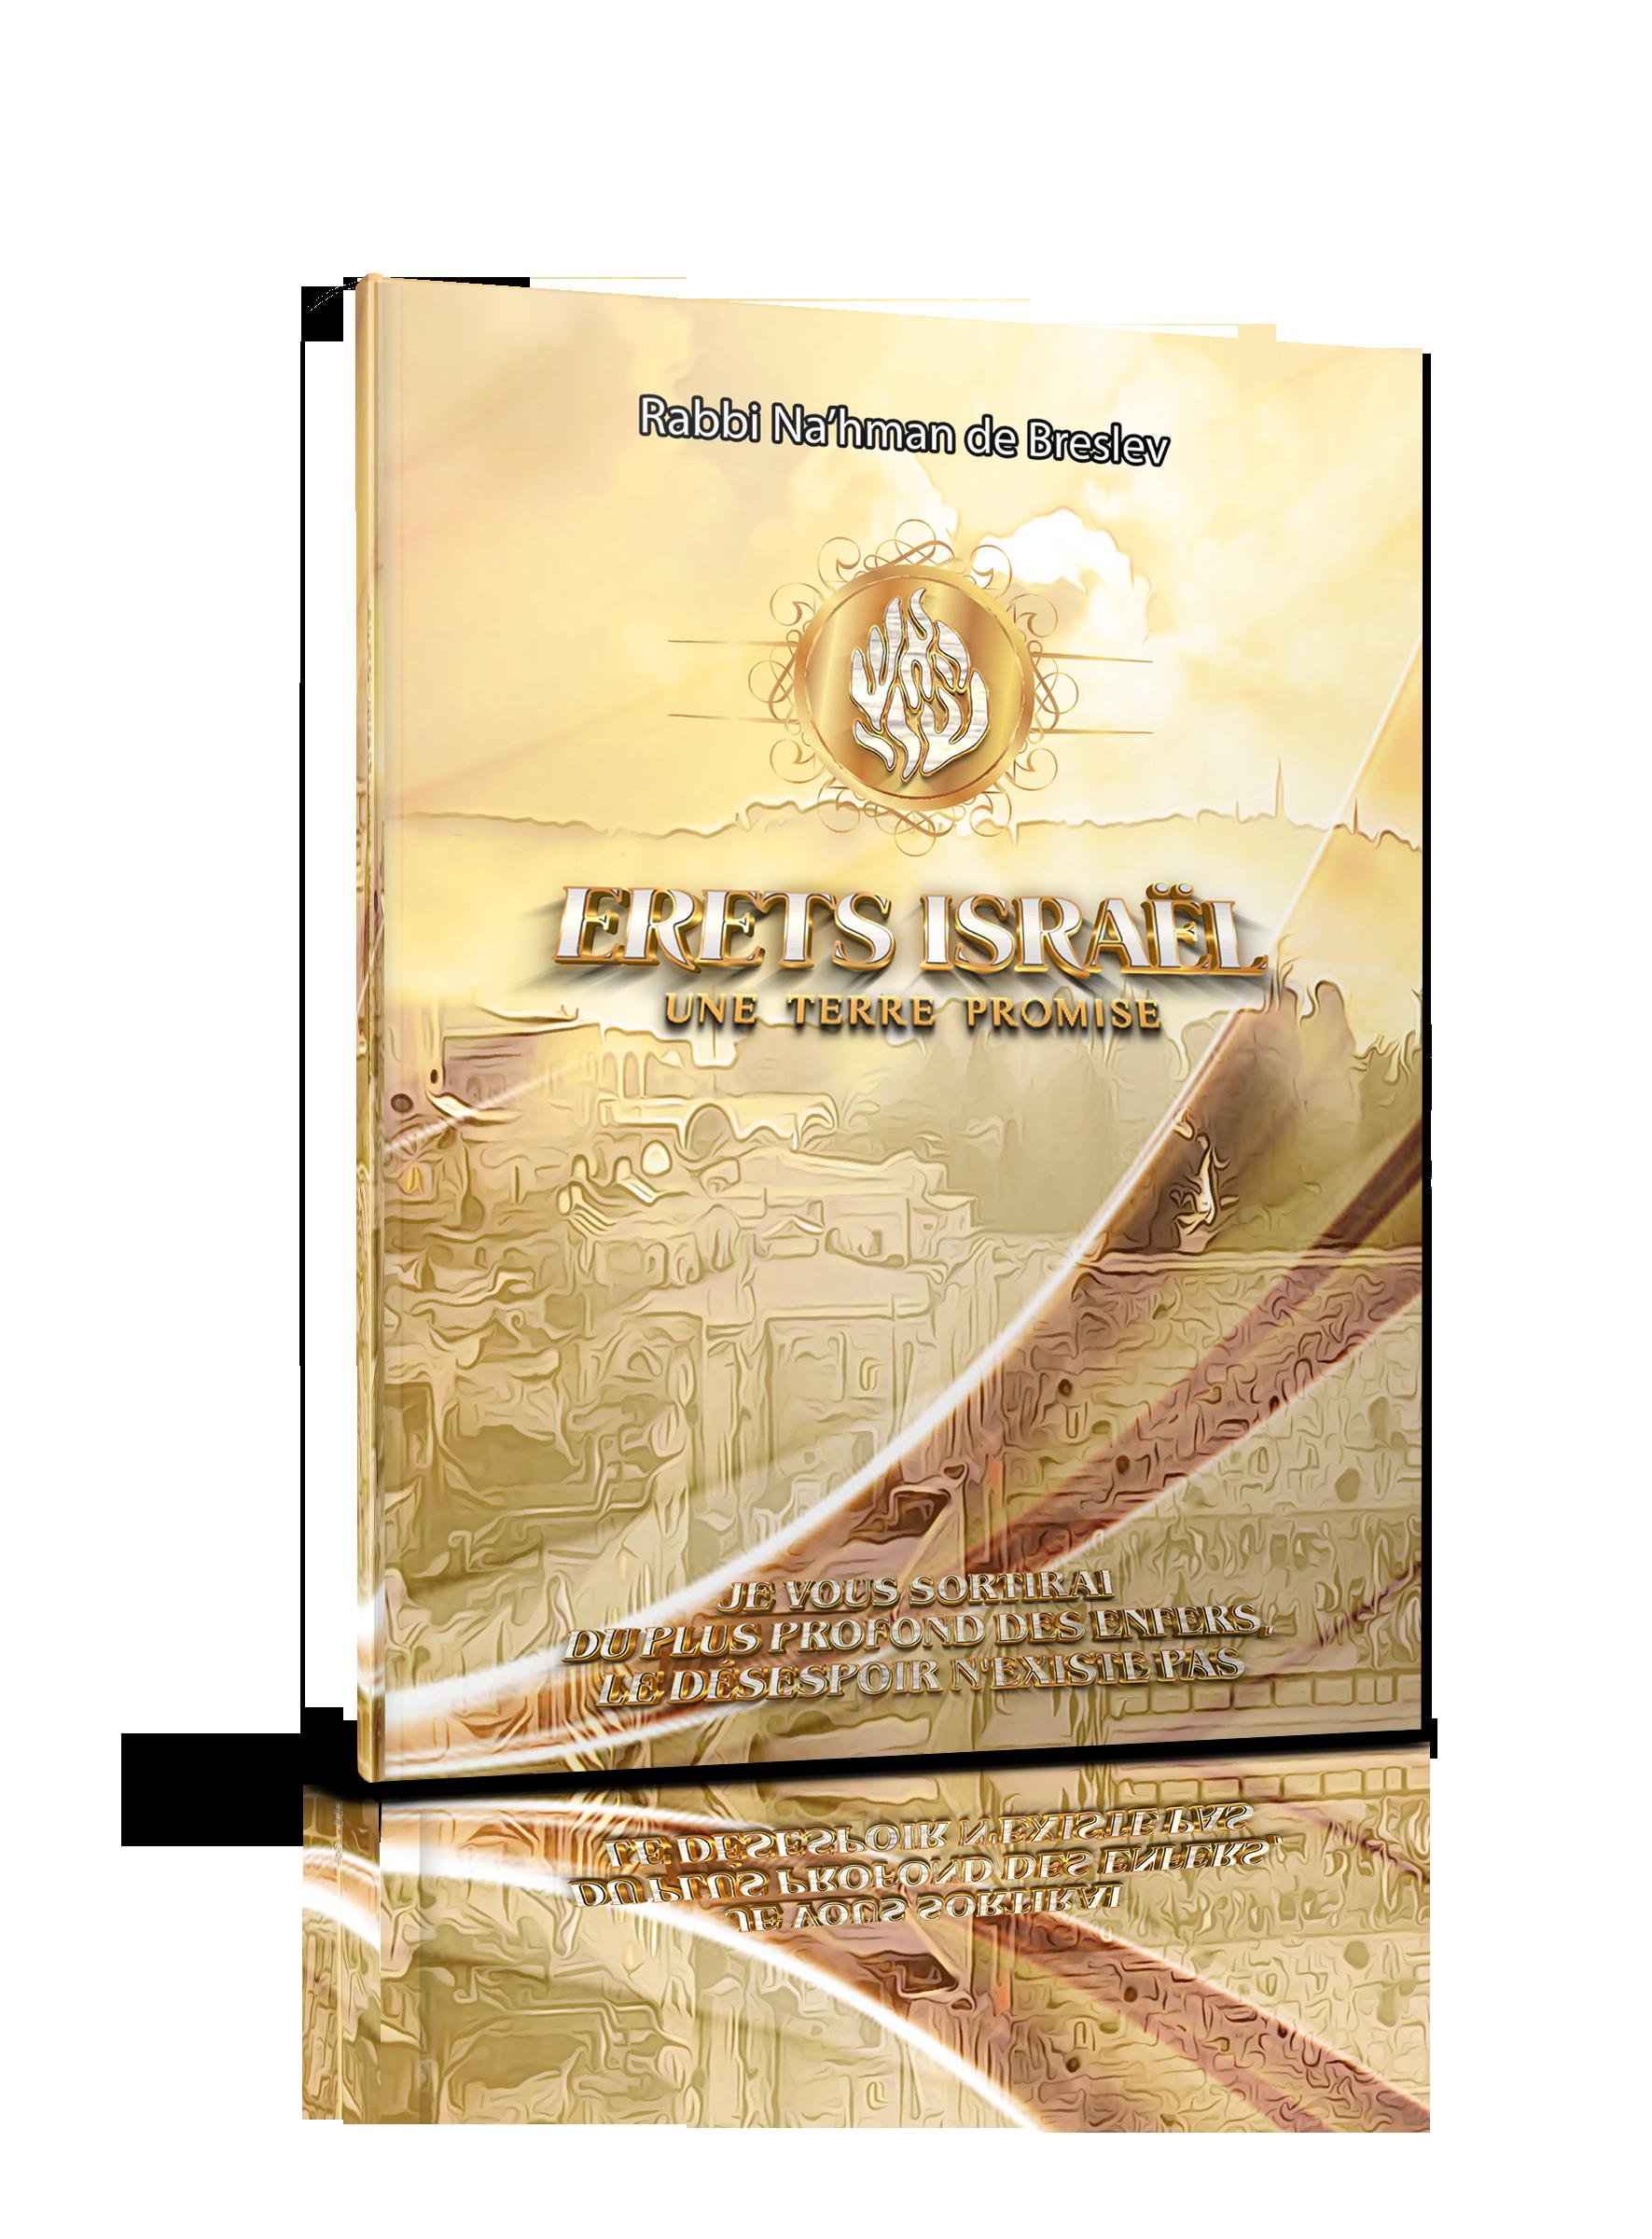 ERETS ISRAËL